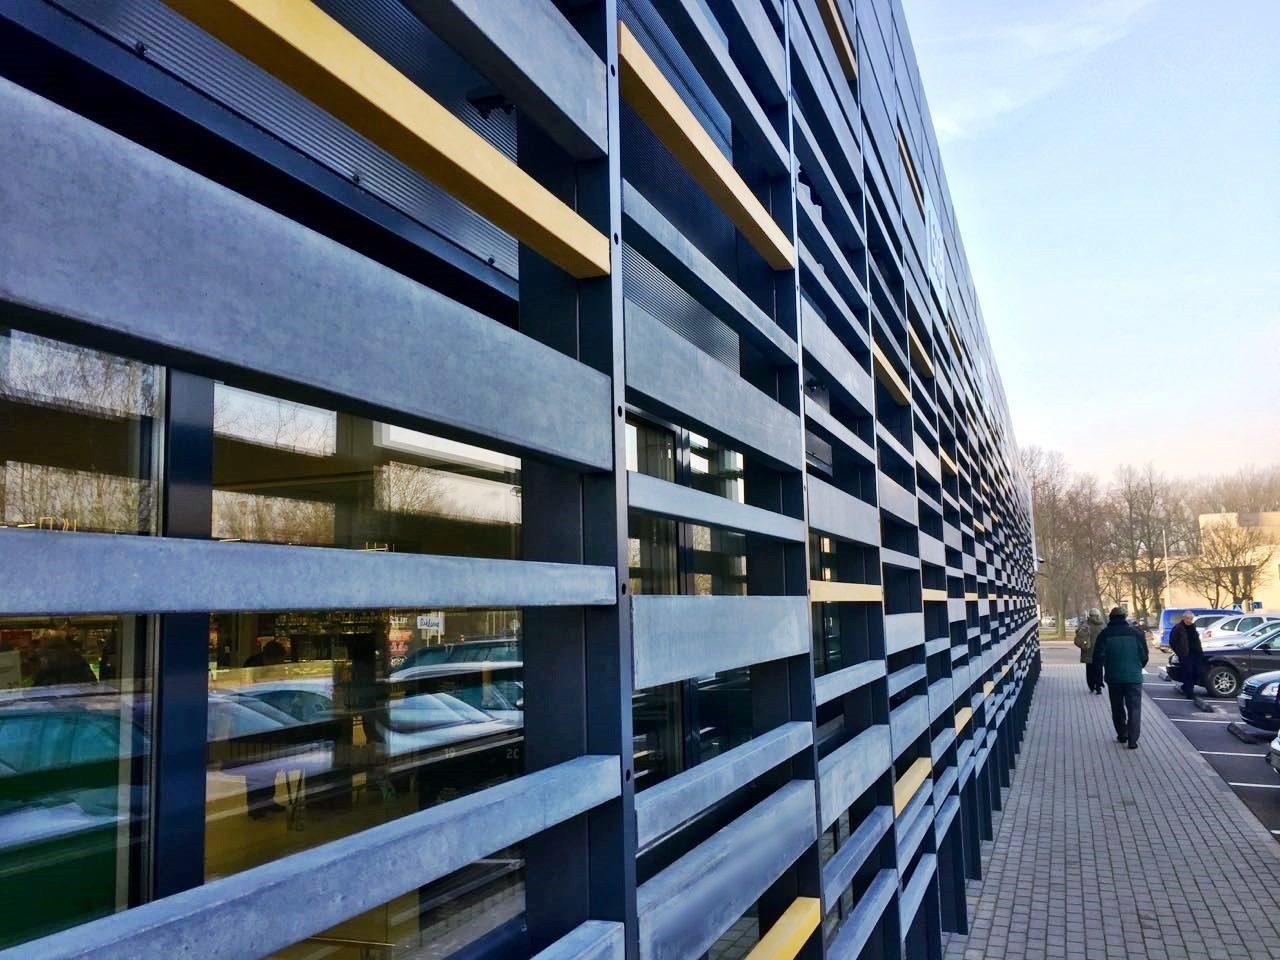 Betoninių bagečių fasadas Tuščiavidurės bagetės 50x50x1200mm 132x50x1200mm 300x50x1200mm Spalvos - geltona, pilka Paviršius - natūralus, impregnuotas